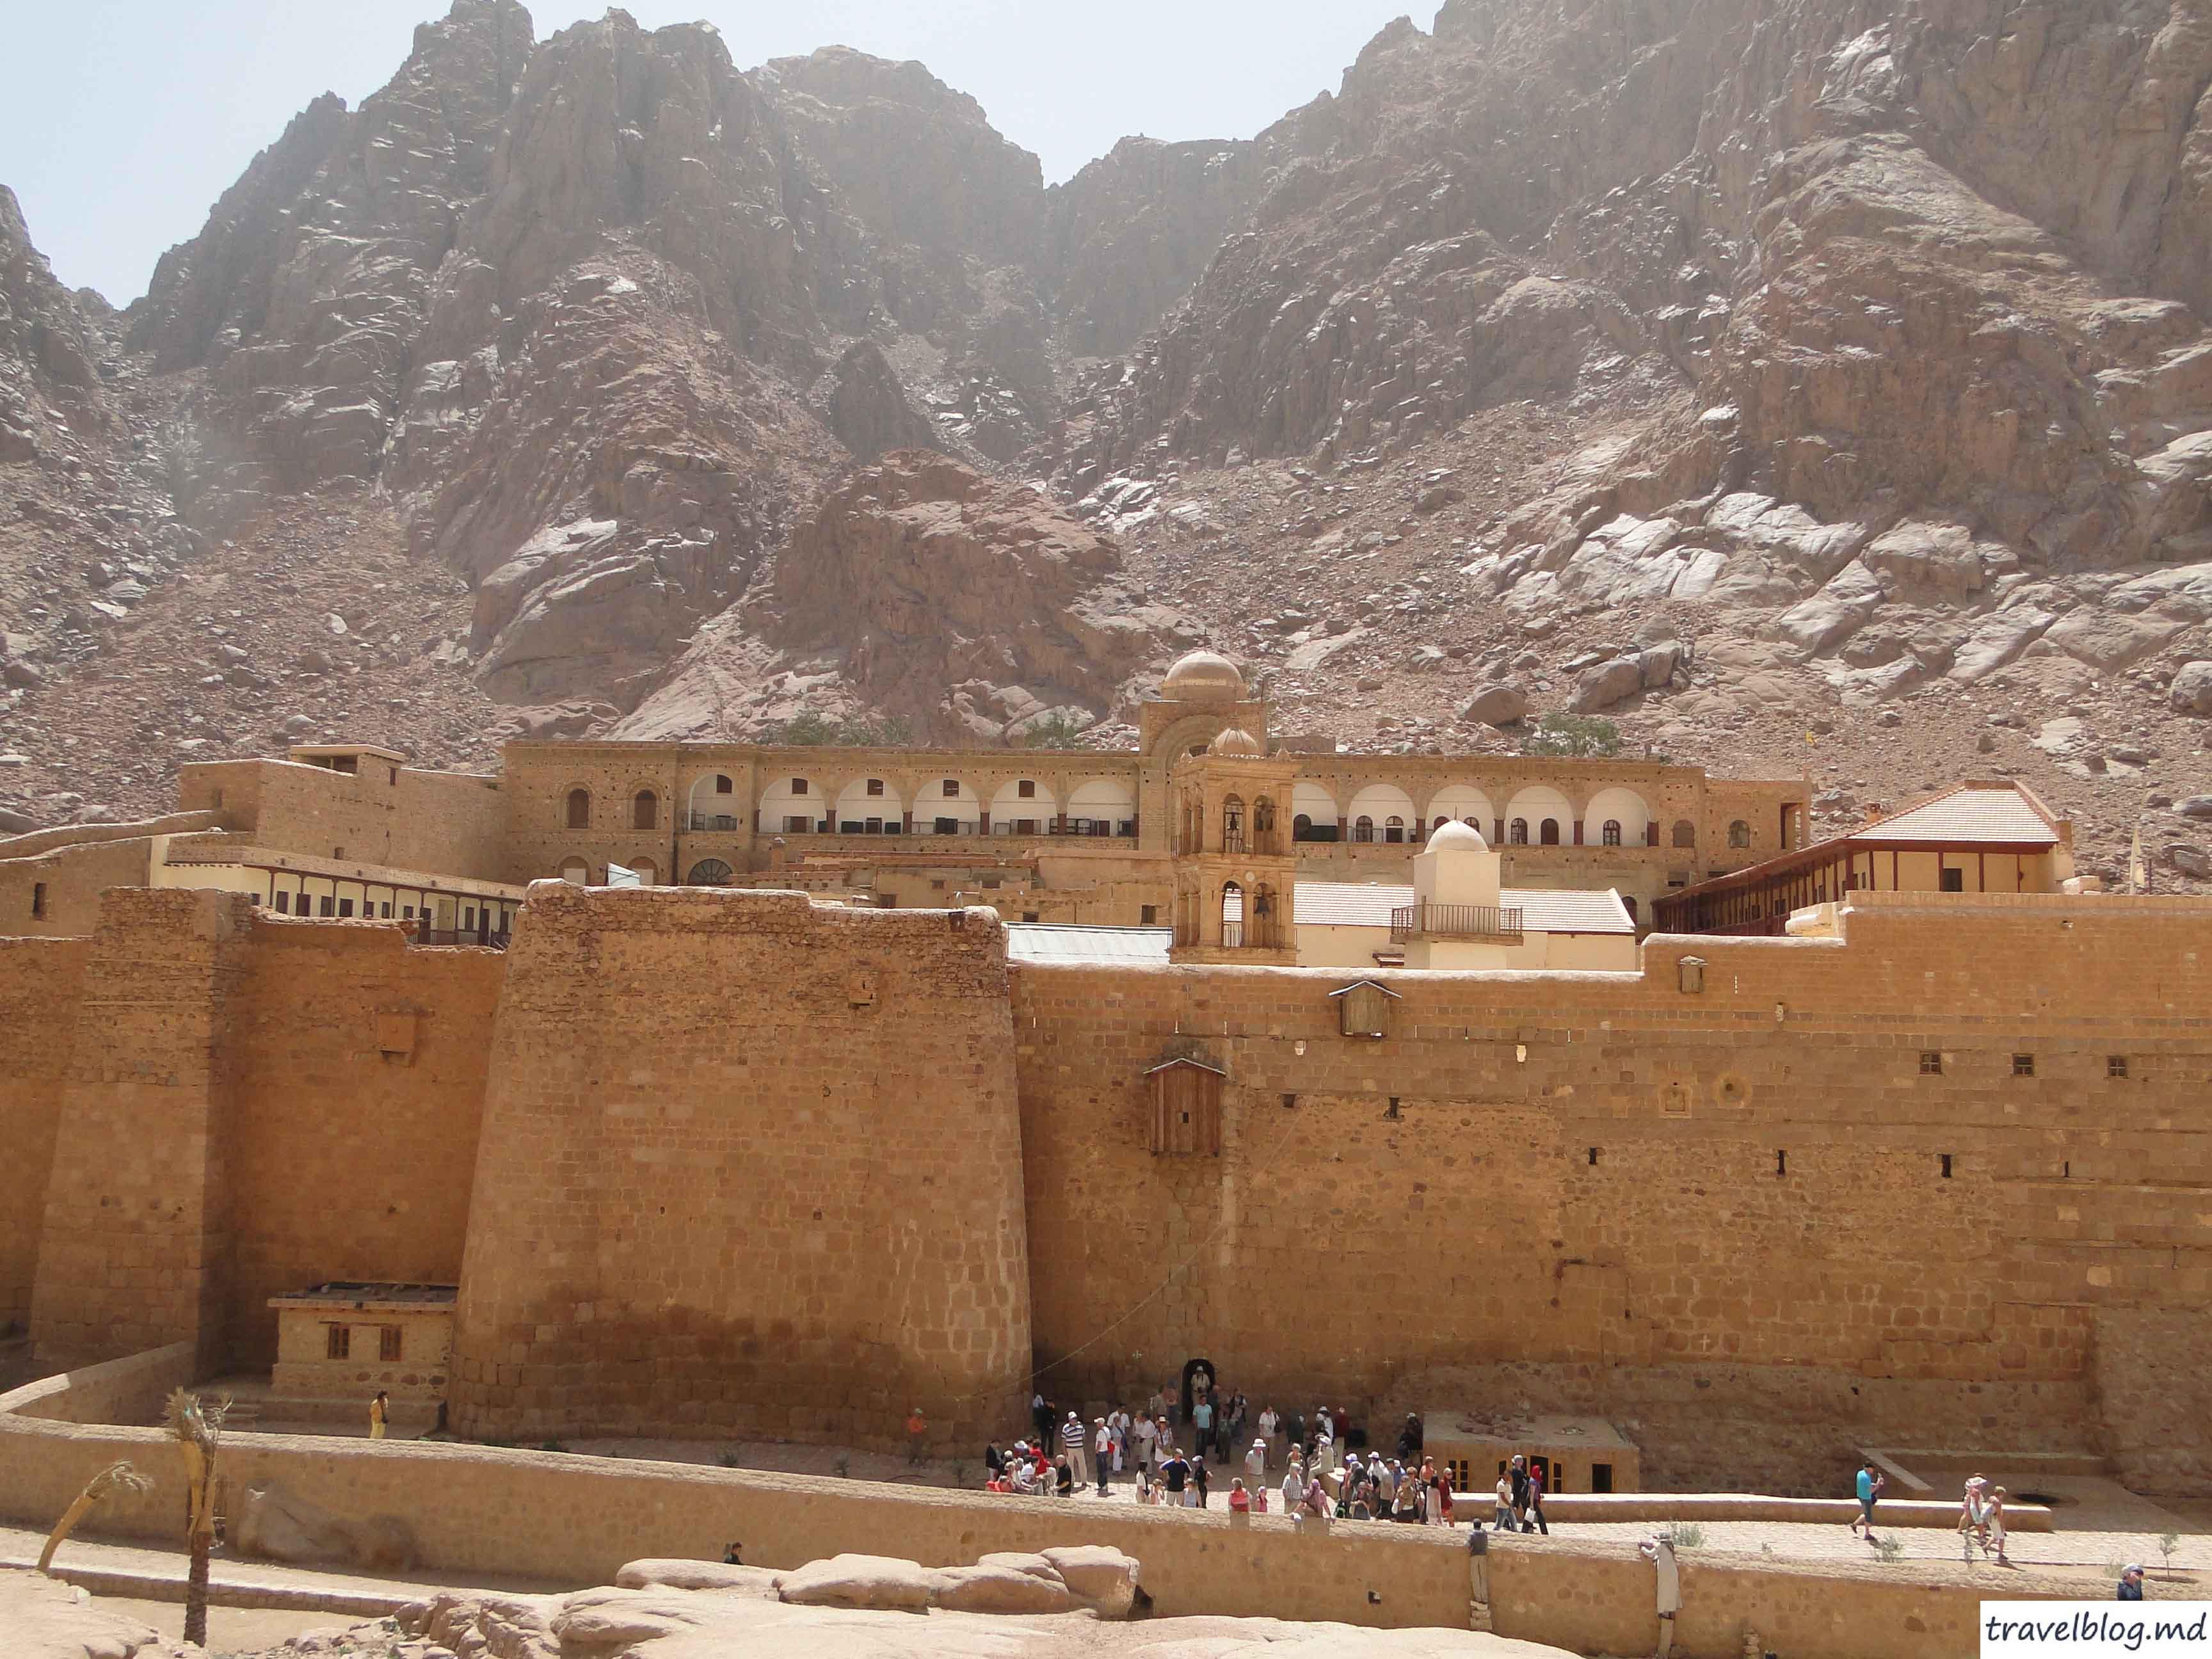 egipt-manastirea-sf-ecaterina-4